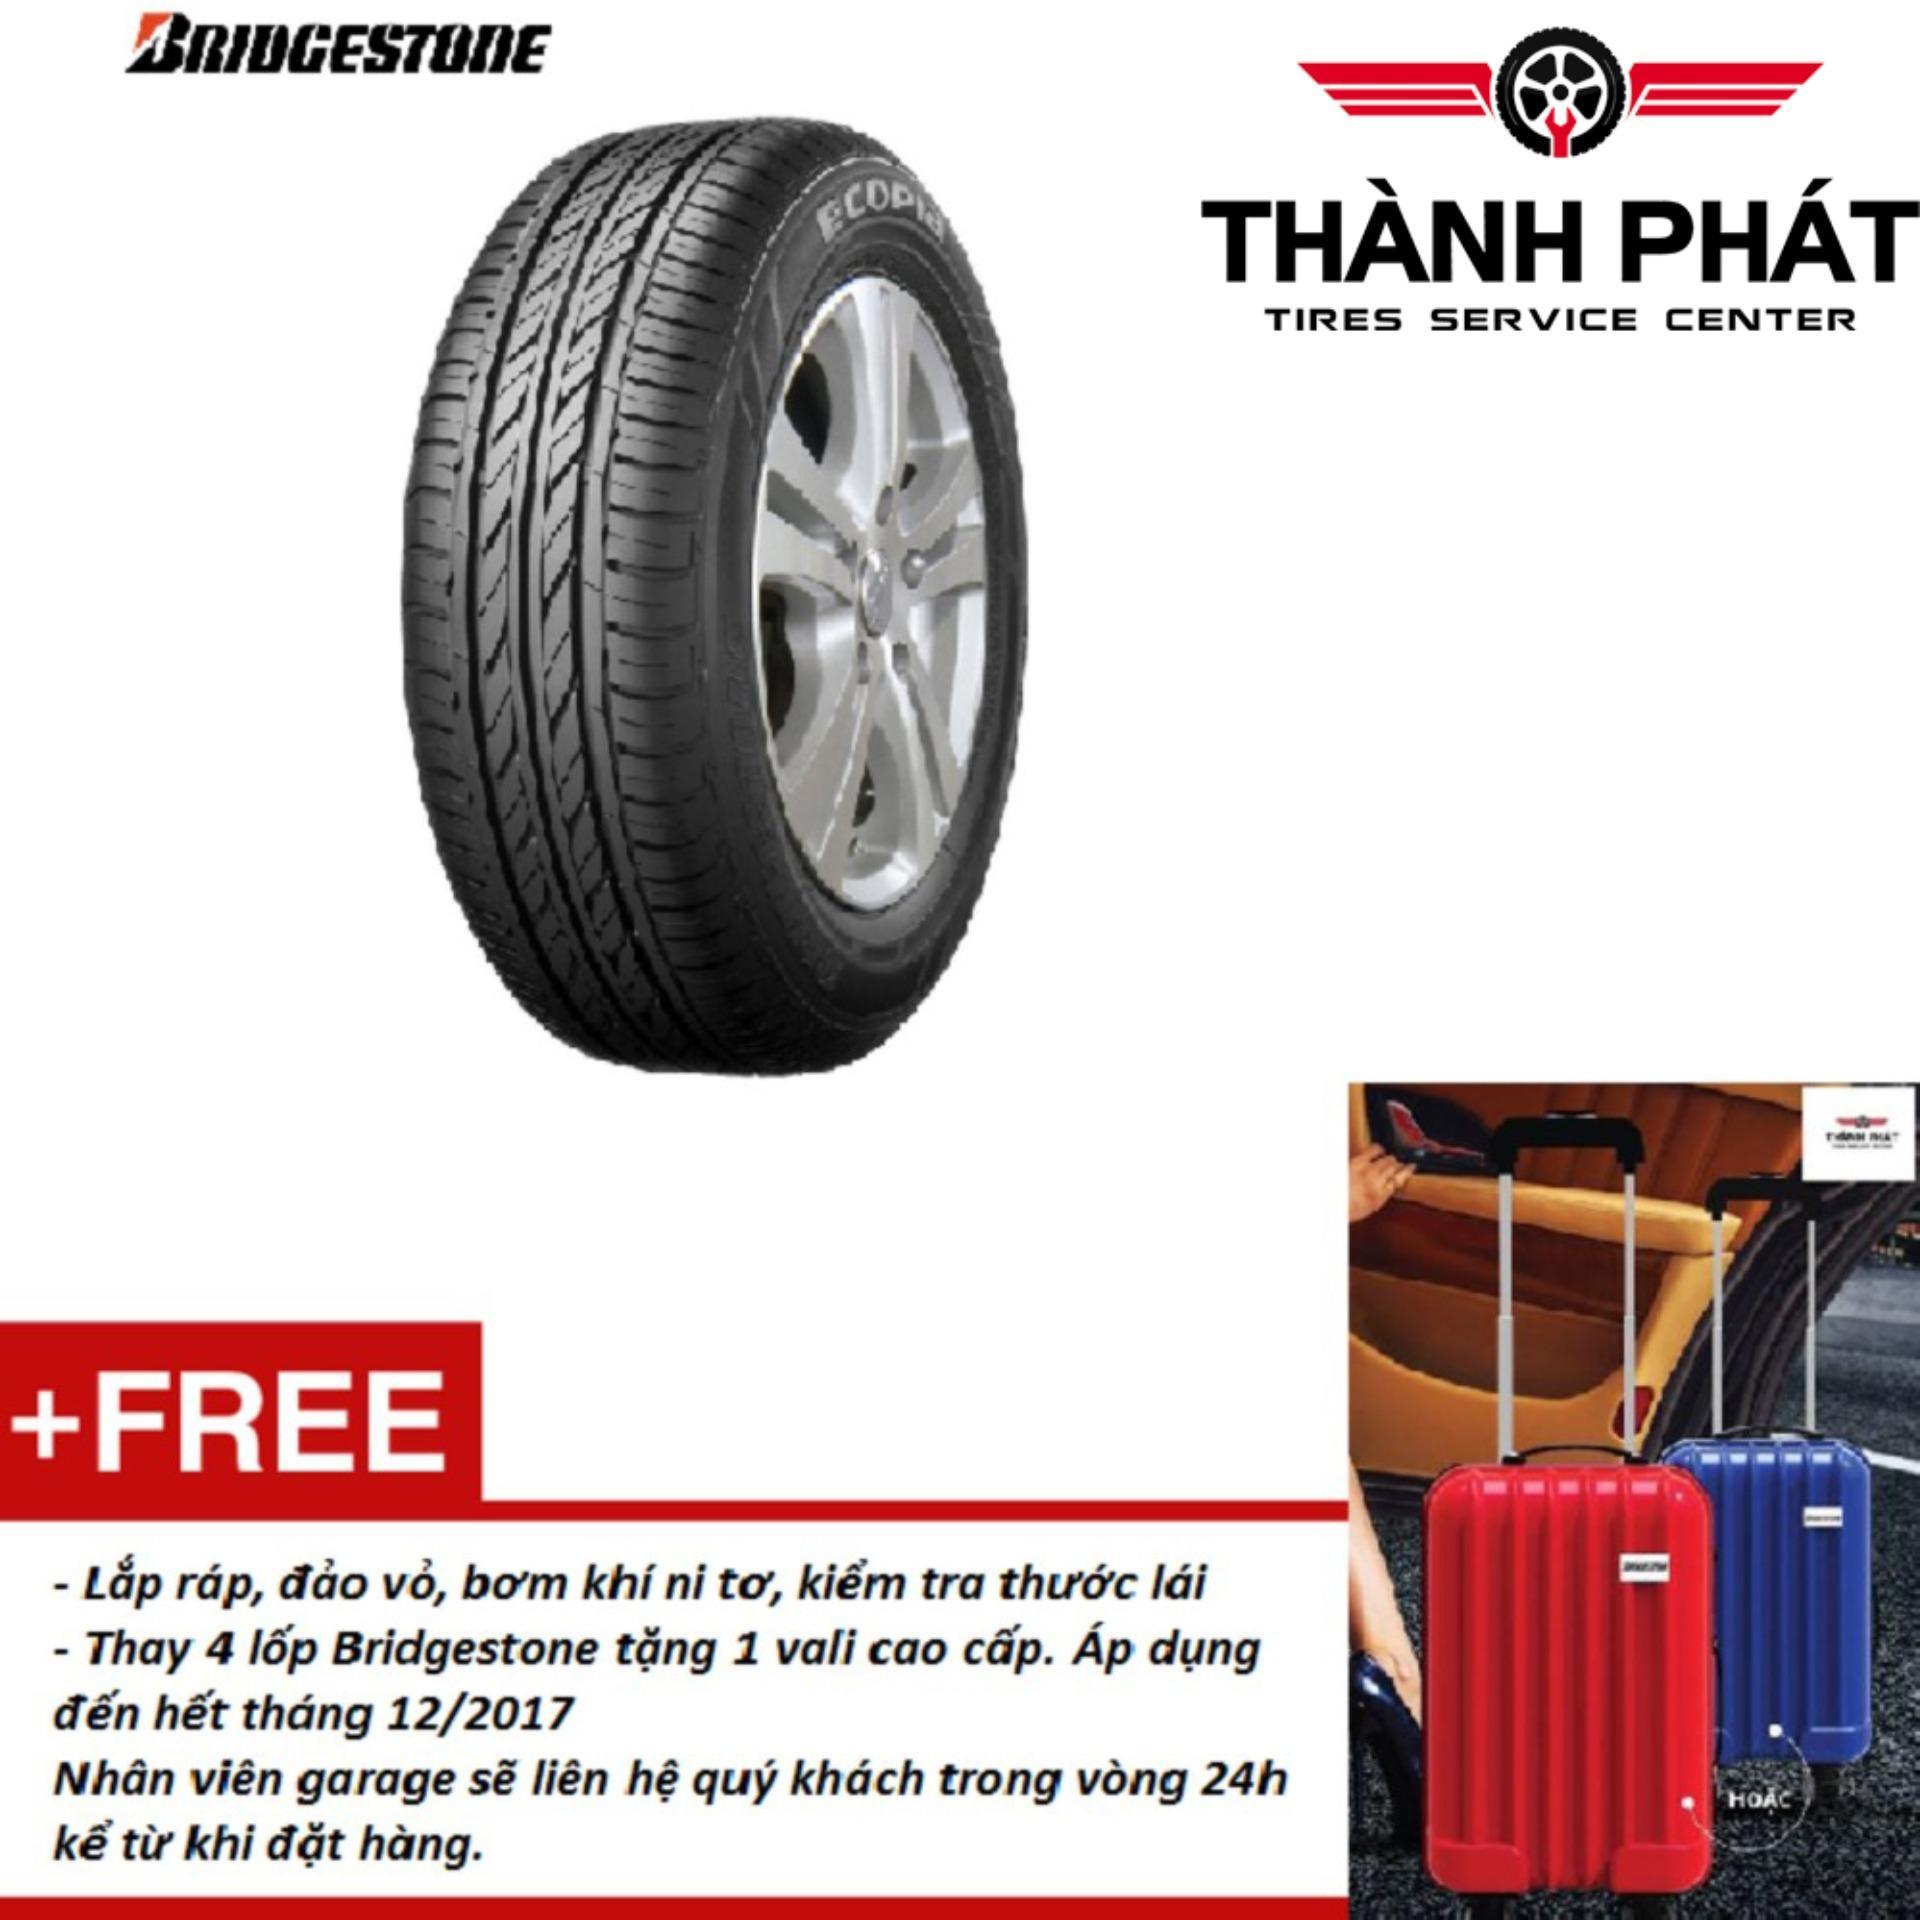 Bán Lốp Xe O To Bridgestone B390 205 65R15 Miễn Phi Lắp Đặt Mới